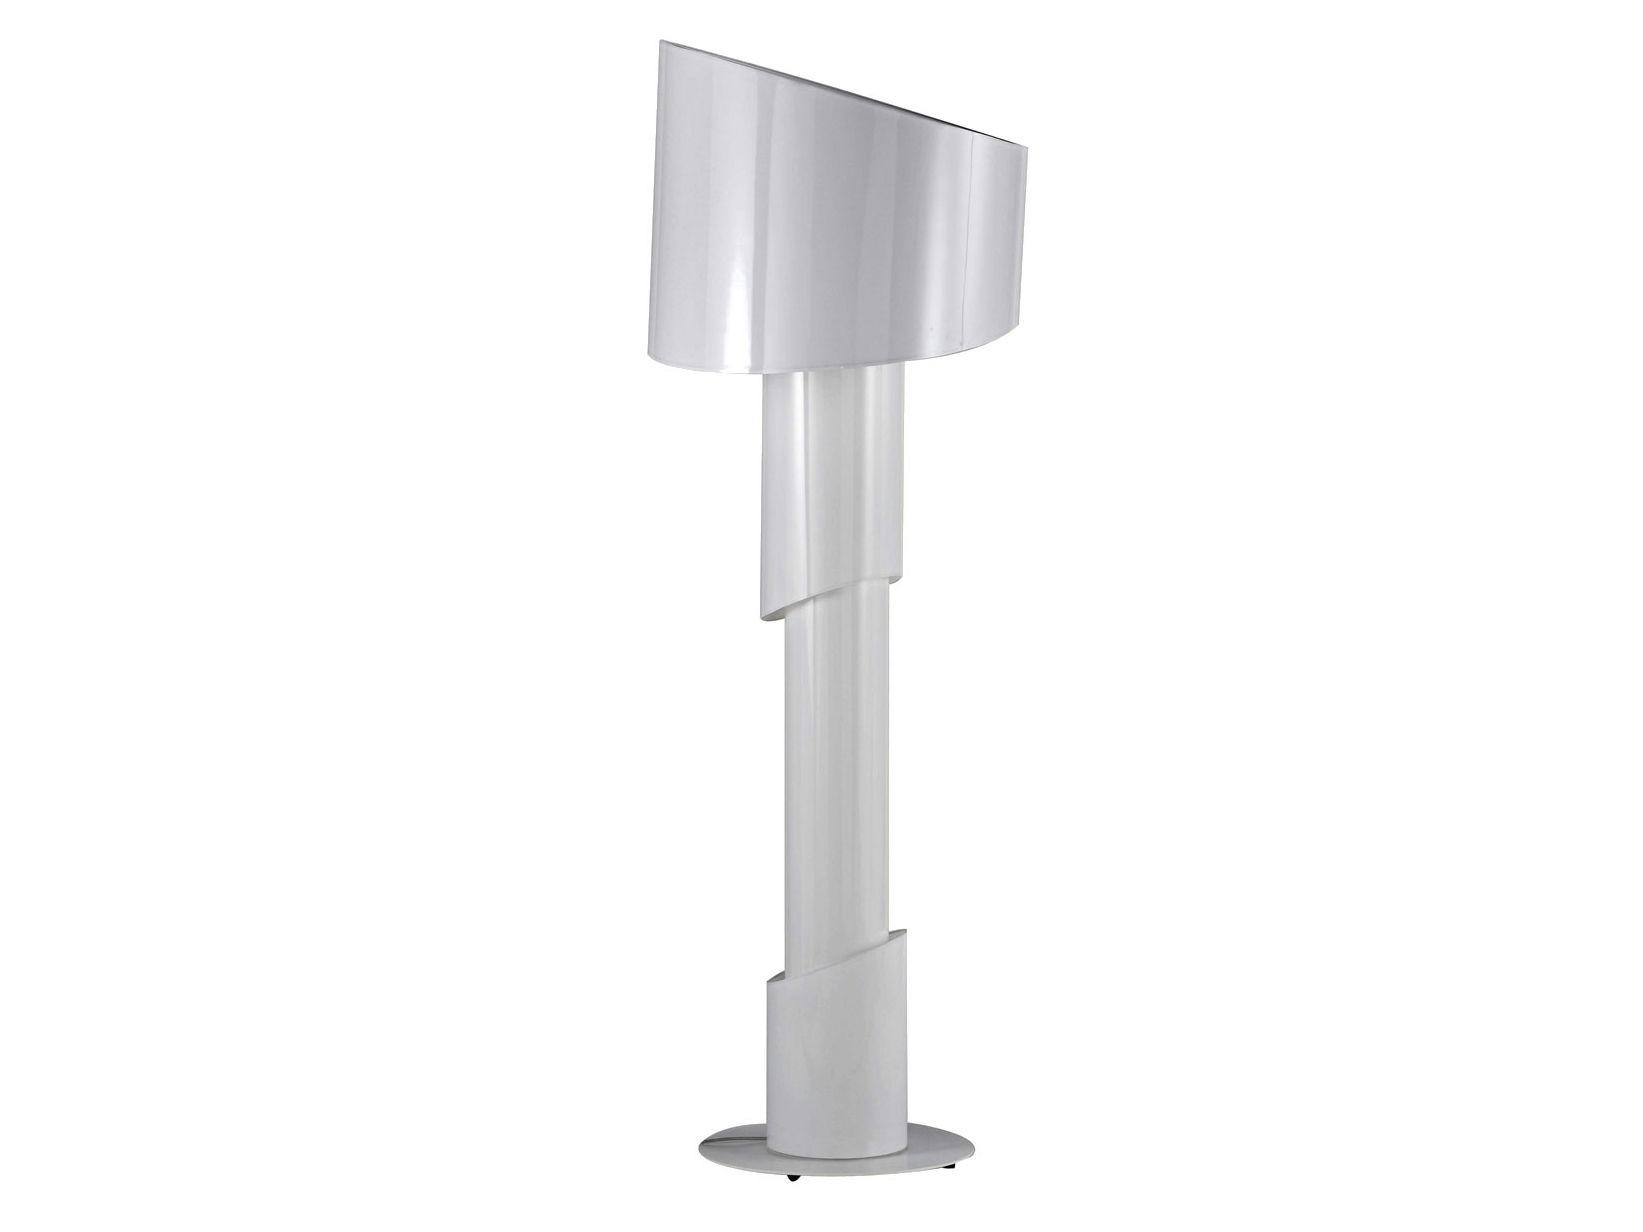 lampadaire en pvc totem by roche bobois design alexandre. Black Bedroom Furniture Sets. Home Design Ideas